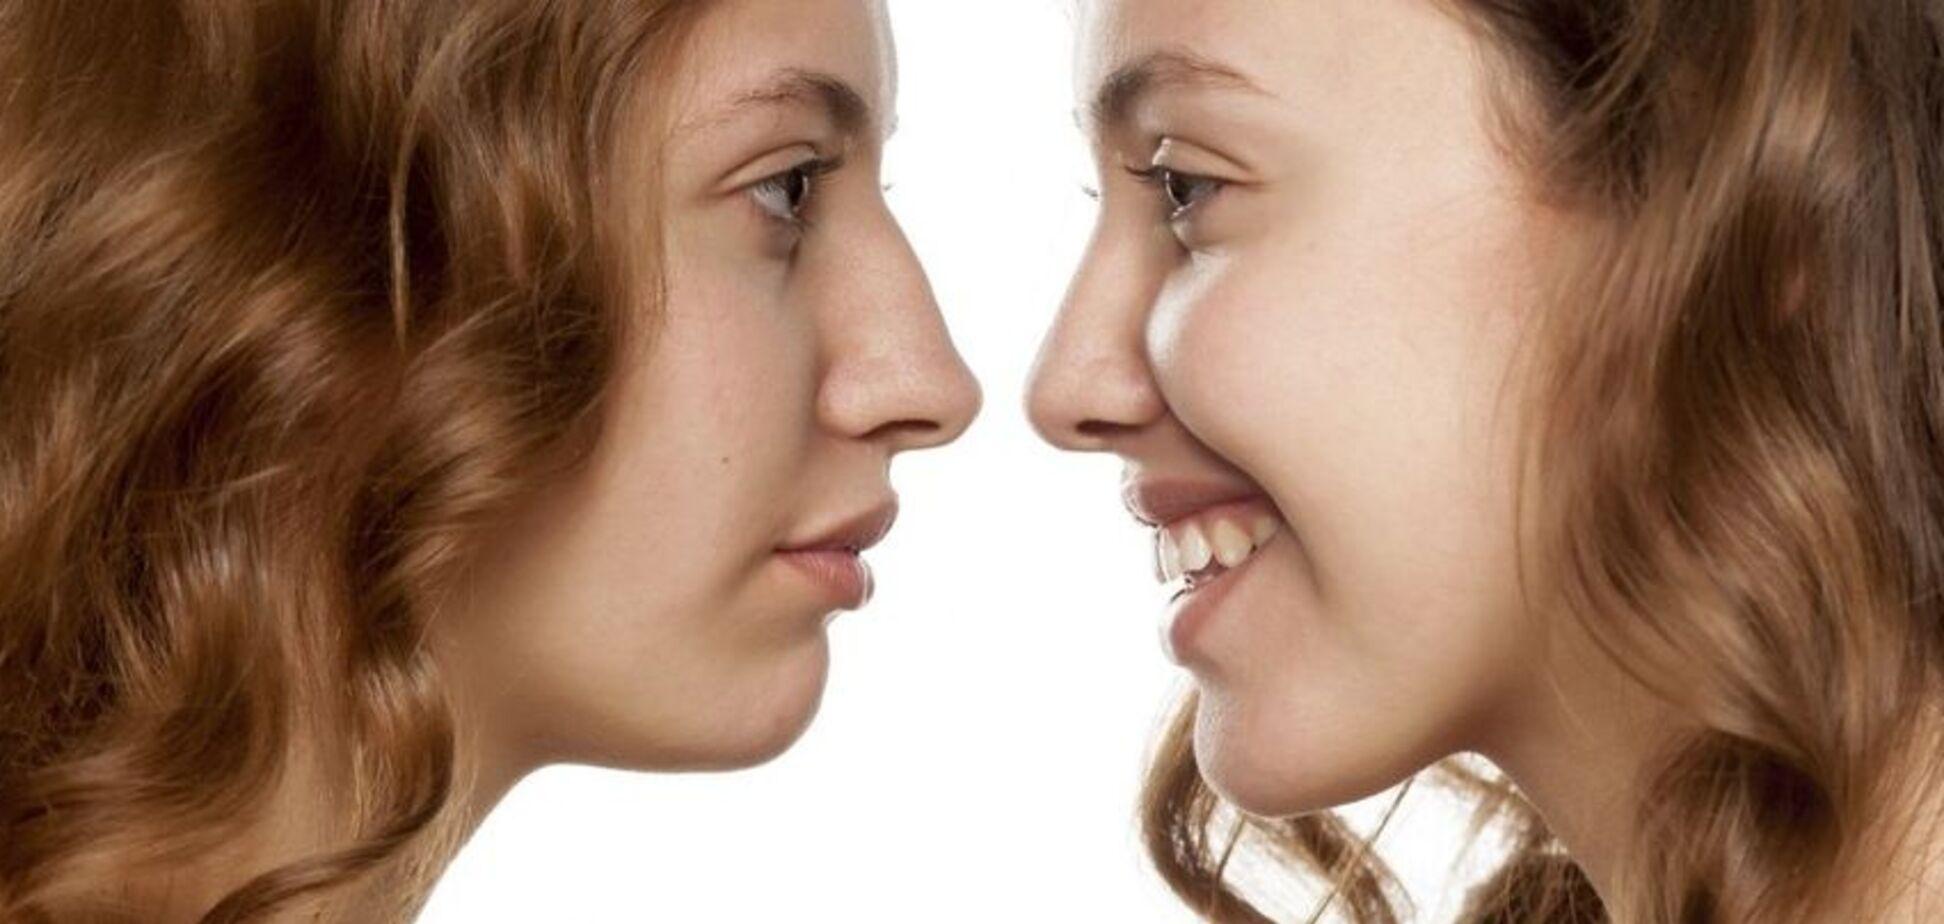 Ринопластика как неизбежность: когда проблемы с носом превращают жизнь в мучение